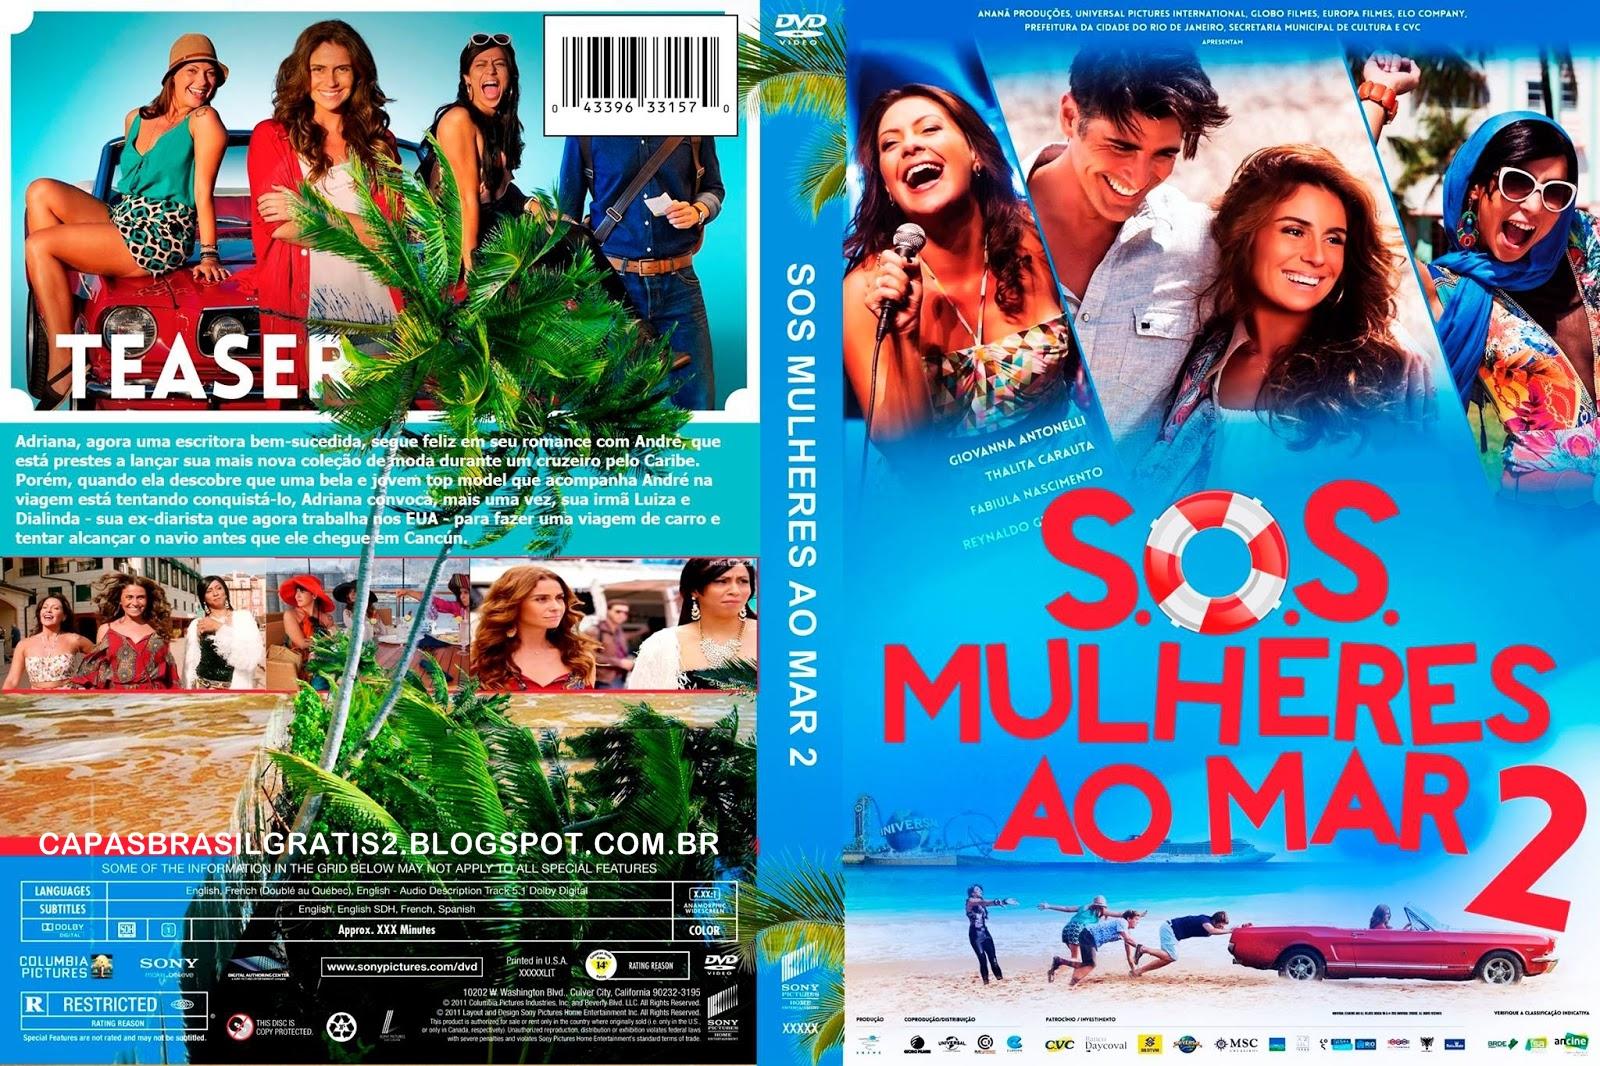 S.O.S. Mulheres ao Mar 2 DVDRip XviD Nacional S